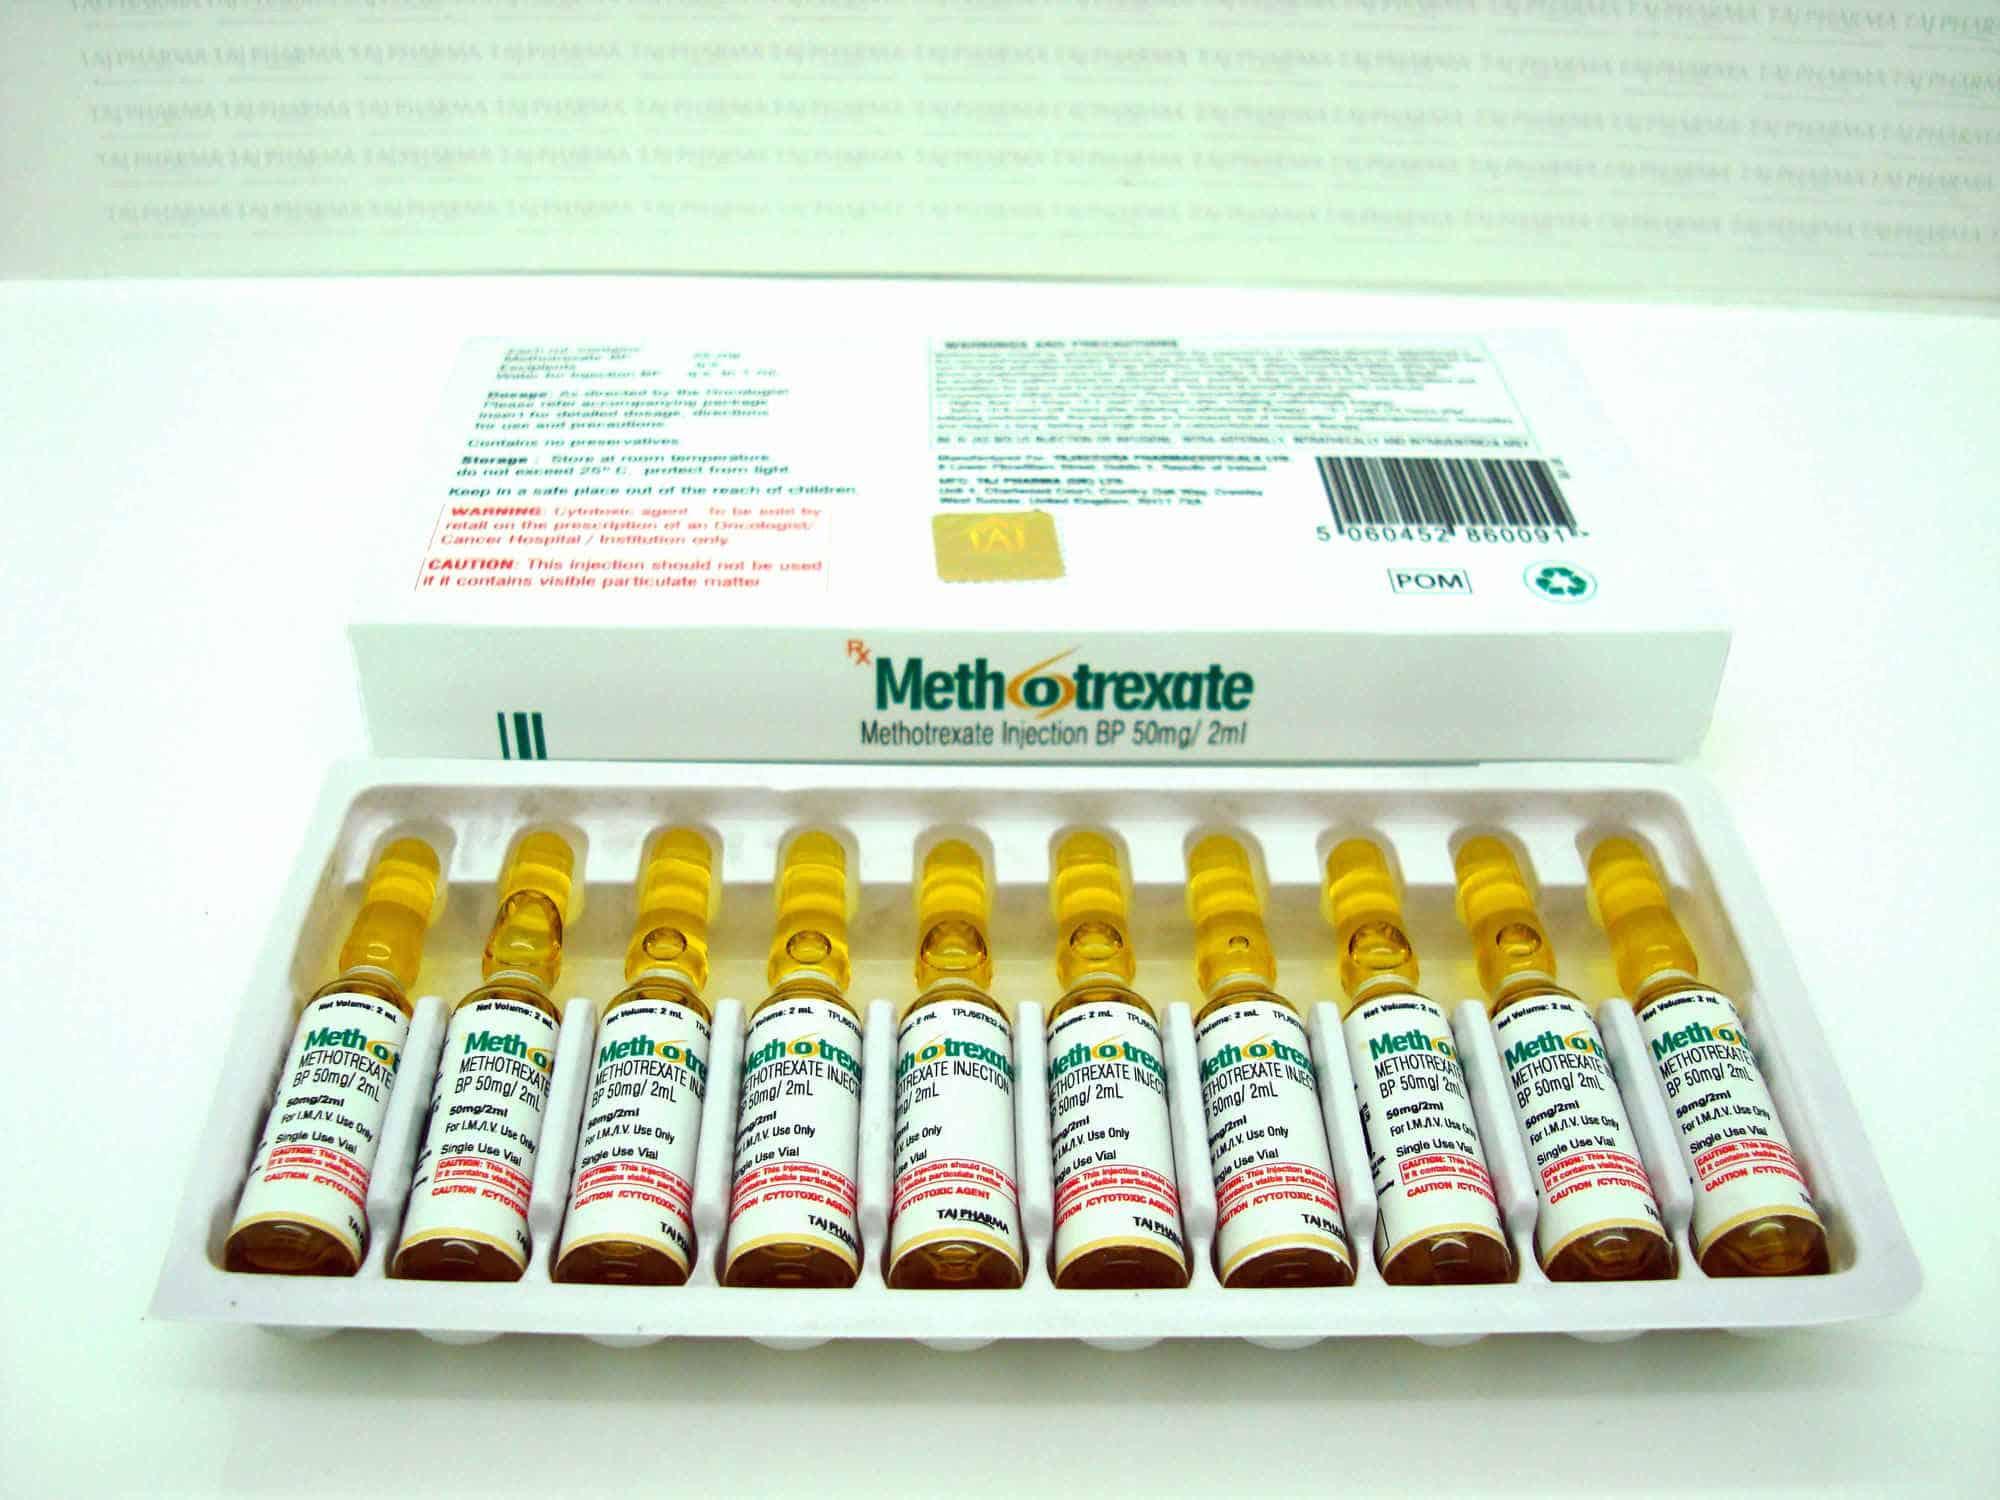 كيفية استخدام methotrexate للإجهاض